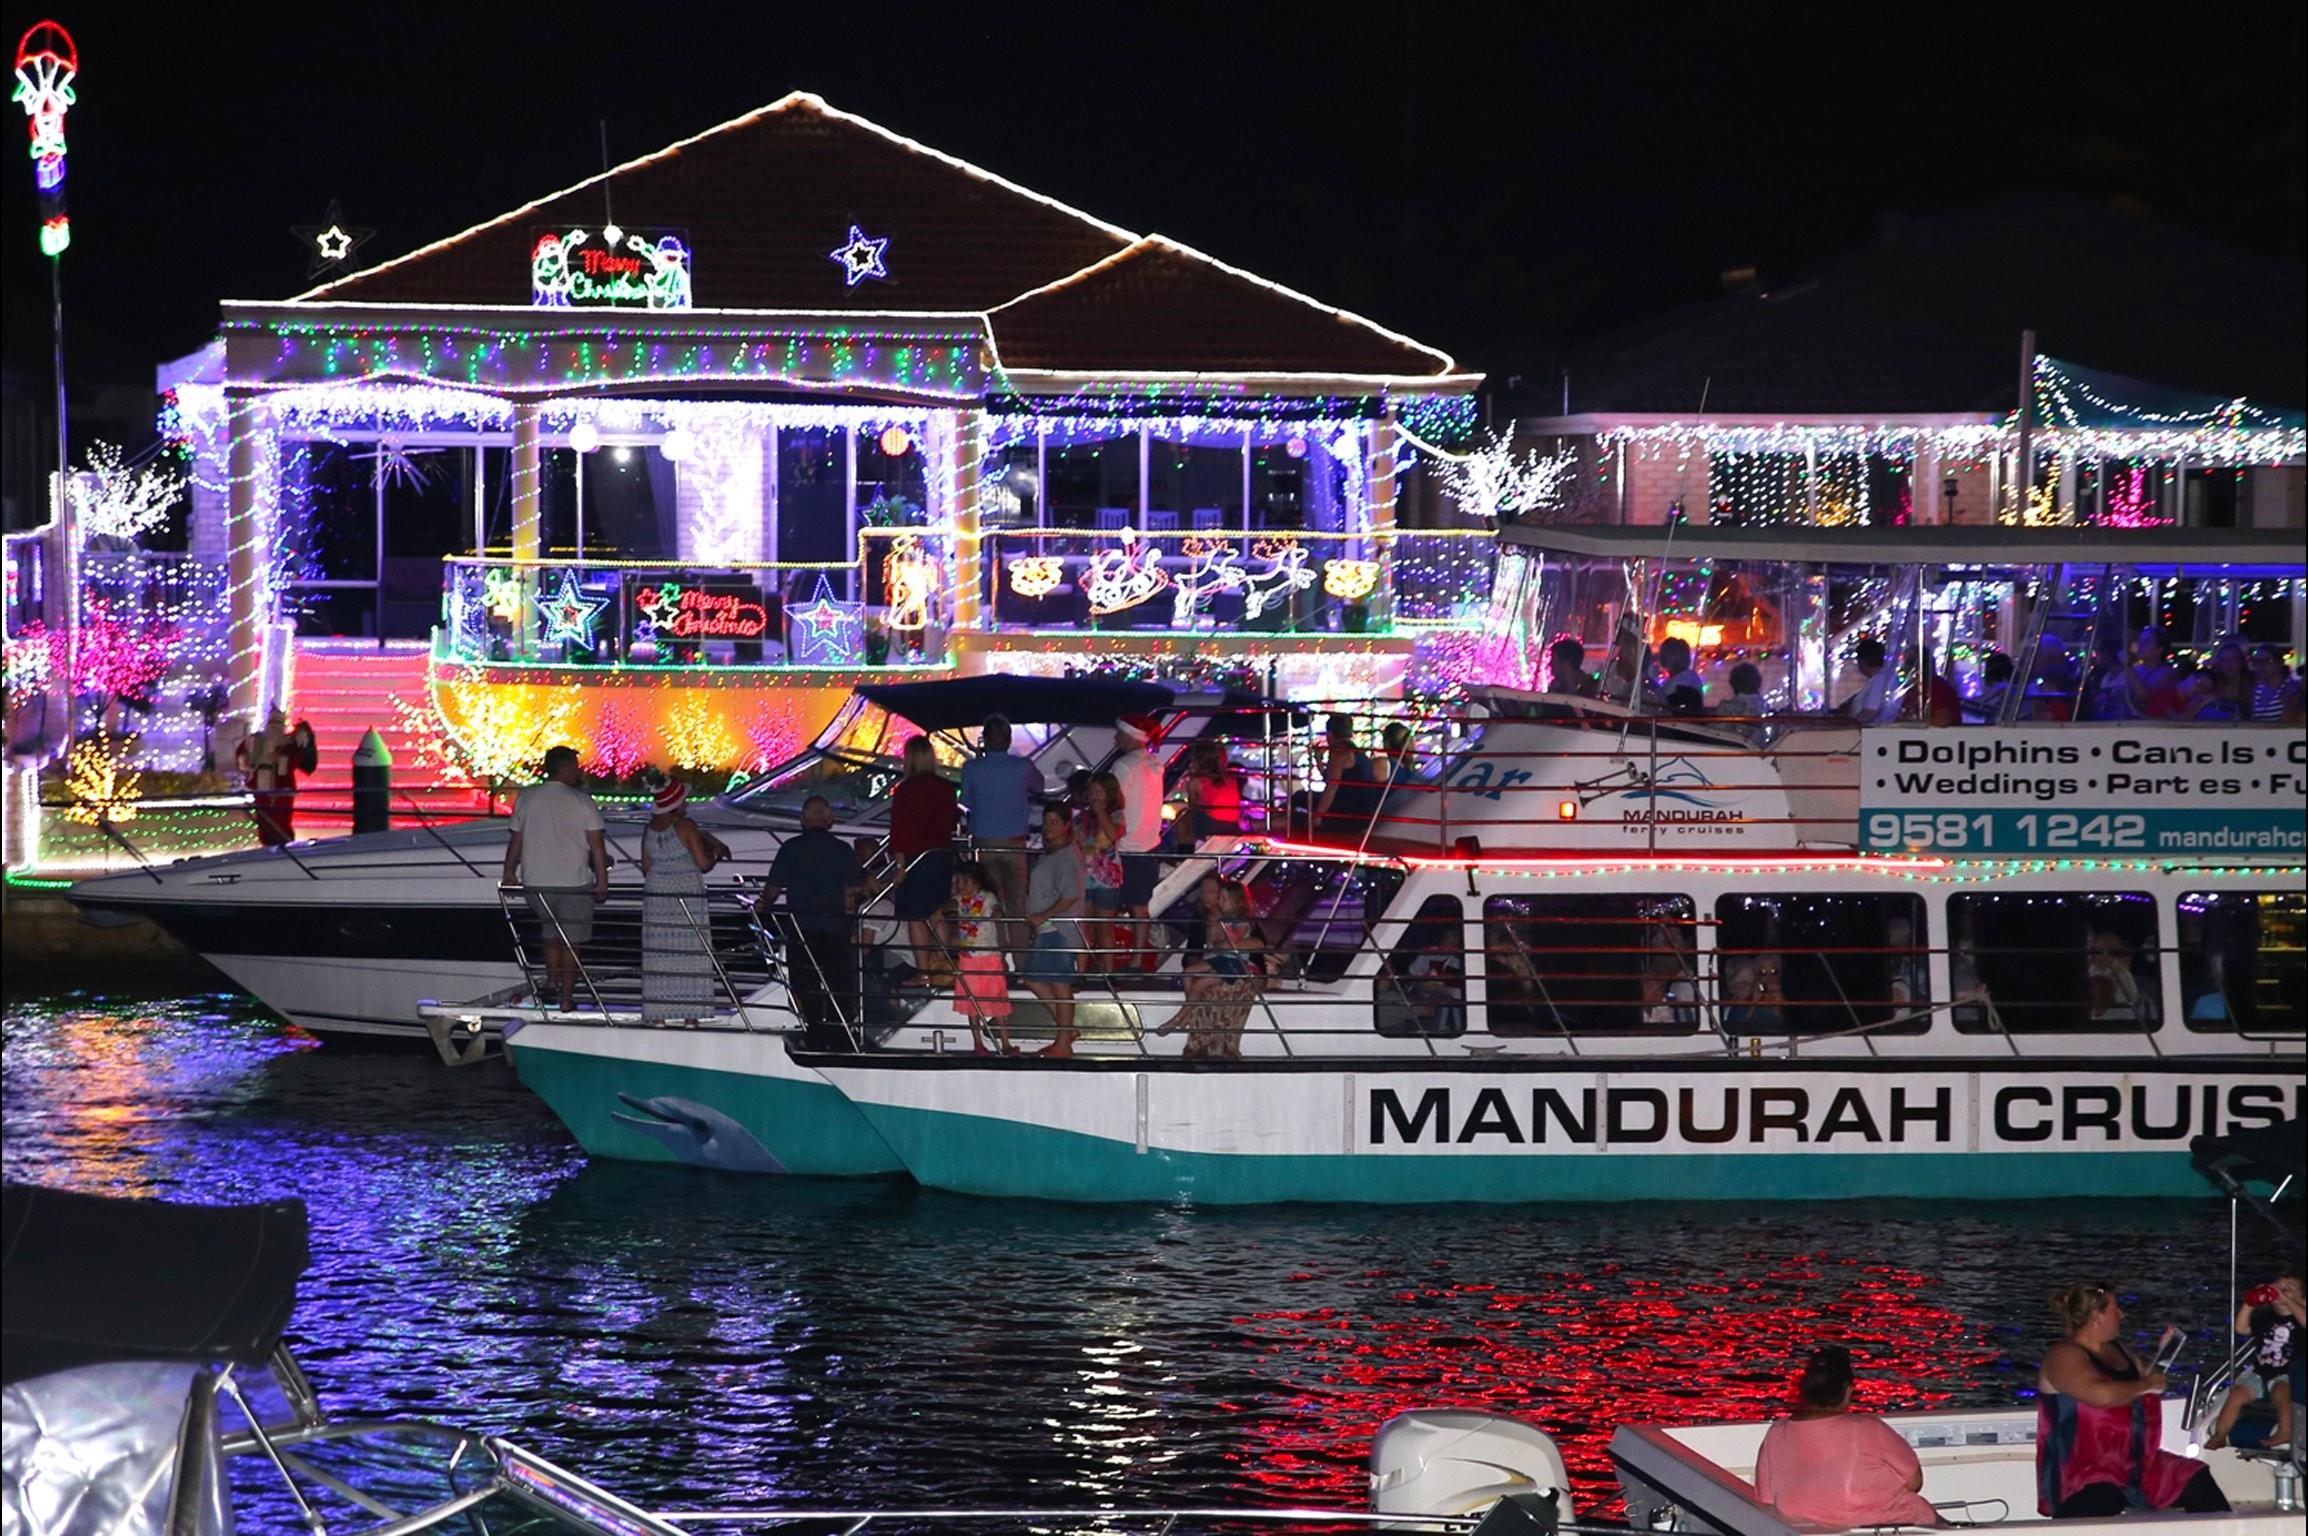 Calendario 2019 Guatemala Más Recientes School & Public Holidays tourism Western Australia